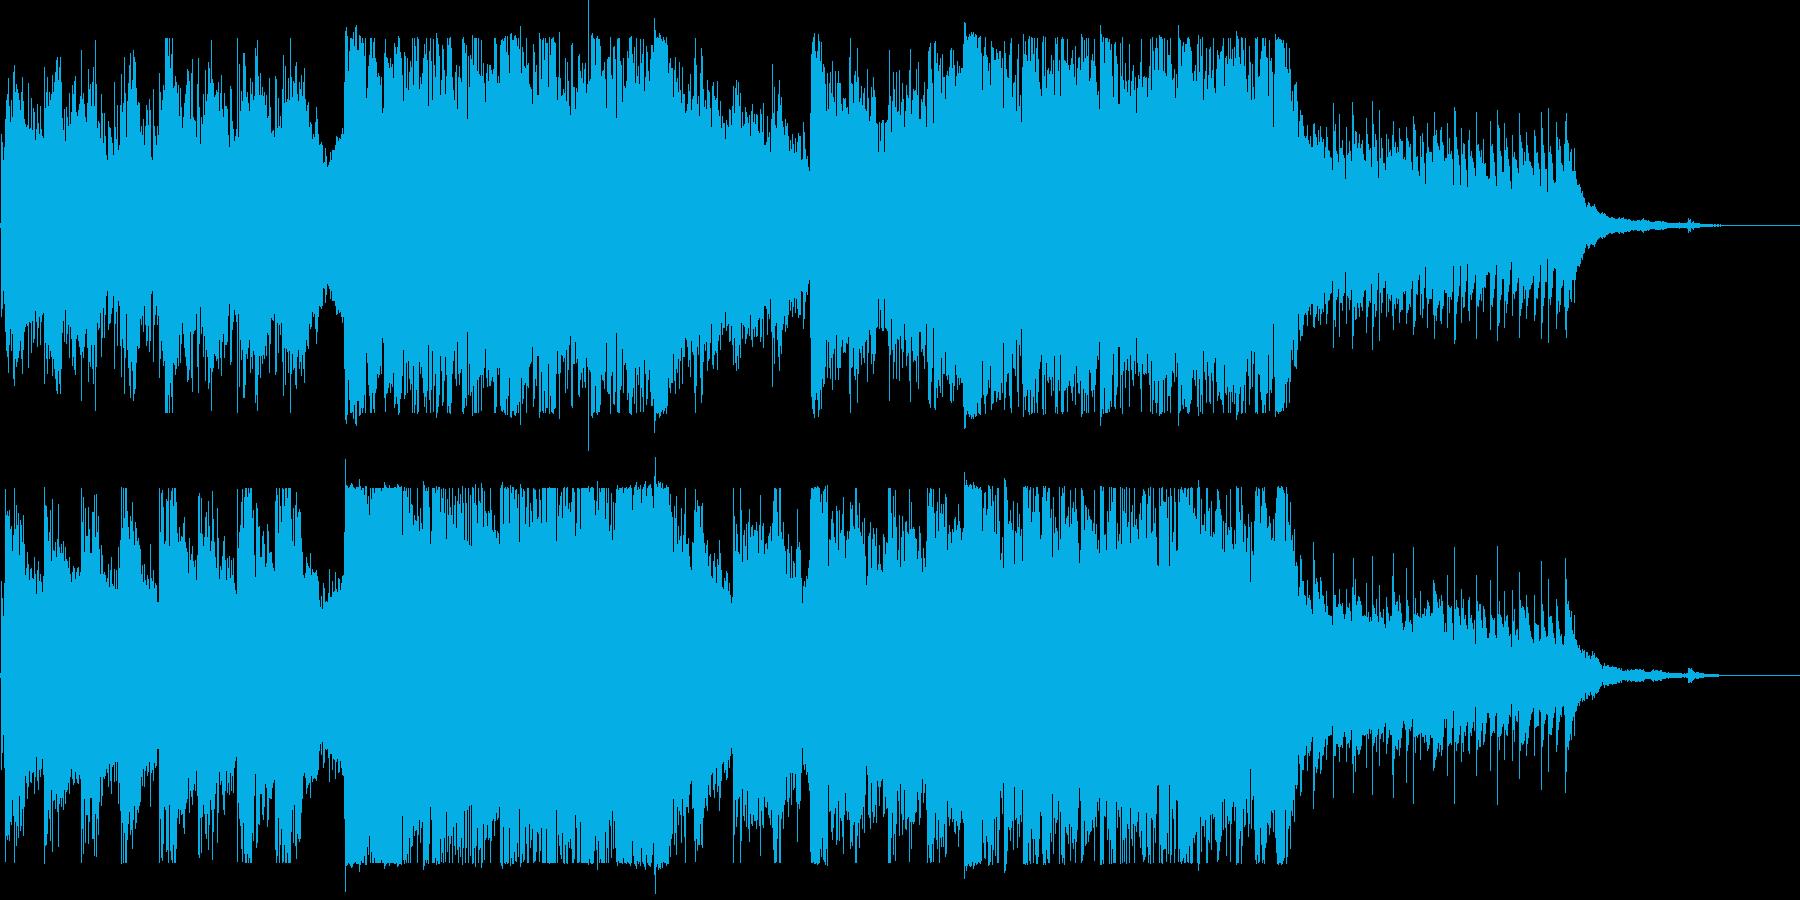 ピアノ旋律・恐怖・ホラー・サスペンスの再生済みの波形